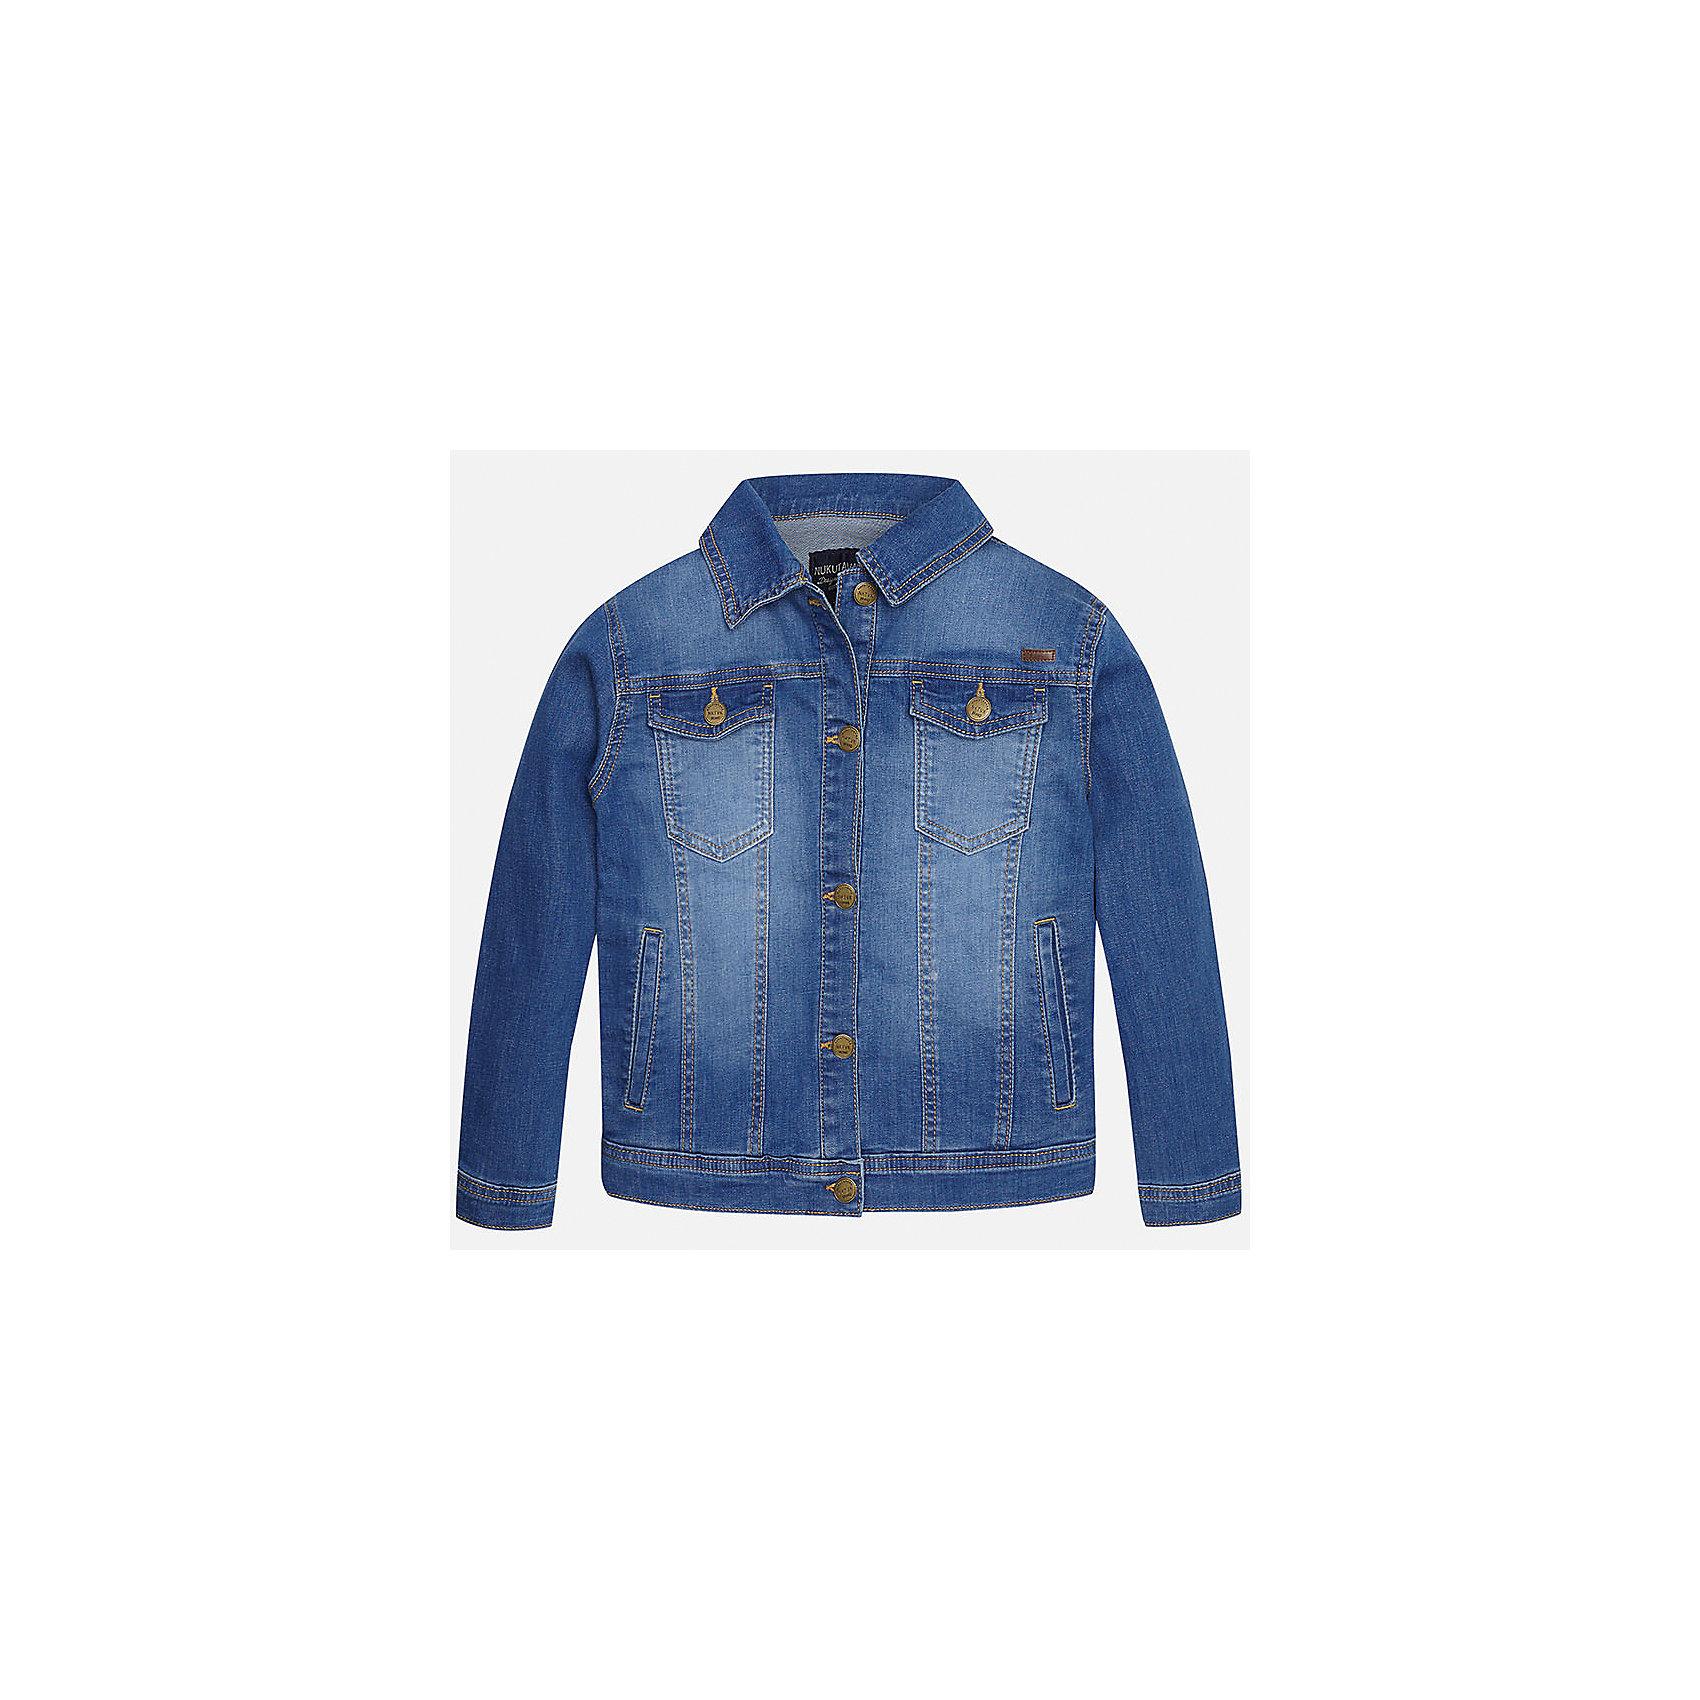 Куртка джинсовая для мальчика MayoralДжинсовая одежда<br>Характеристики товара:<br><br>• цвет: голубой<br>• состав: 97% хлопок, 3% эластан<br>• отложной воротник<br>• карманы<br>• застежка: пуговицы<br>• эффект потертостей<br>• страна бренда: Испания<br><br>Джинсовая куртка для мальчика может стать базовой вещью в гардеробе ребенка. Она отлично сочетается с майками, футболками, рубашками и т.д. Универсальный крой и цвет позволяет подобрать к вещи низ разных расцветок. Практичное и стильное изделие! В составе материала - натуральный хлопок, гипоаллергенный, приятный на ощупь, дышащий.<br><br>Одежда, обувь и аксессуары от испанского бренда Mayoral полюбились детям и взрослым по всему миру. Модели этой марки - стильные и удобные. Для их производства используются только безопасные, качественные материалы и фурнитура. Порадуйте ребенка модными и красивыми вещами от Mayoral! <br><br>Куртку для мальчика от испанского бренда Mayoral (Майорал) можно купить в нашем интернет-магазине.<br><br>Ширина мм: 356<br>Глубина мм: 10<br>Высота мм: 245<br>Вес г: 519<br>Цвет: голубой<br>Возраст от месяцев: 84<br>Возраст до месяцев: 96<br>Пол: Мужской<br>Возраст: Детский<br>Размер: 128/134,170,164,158,152,140<br>SKU: 5281895